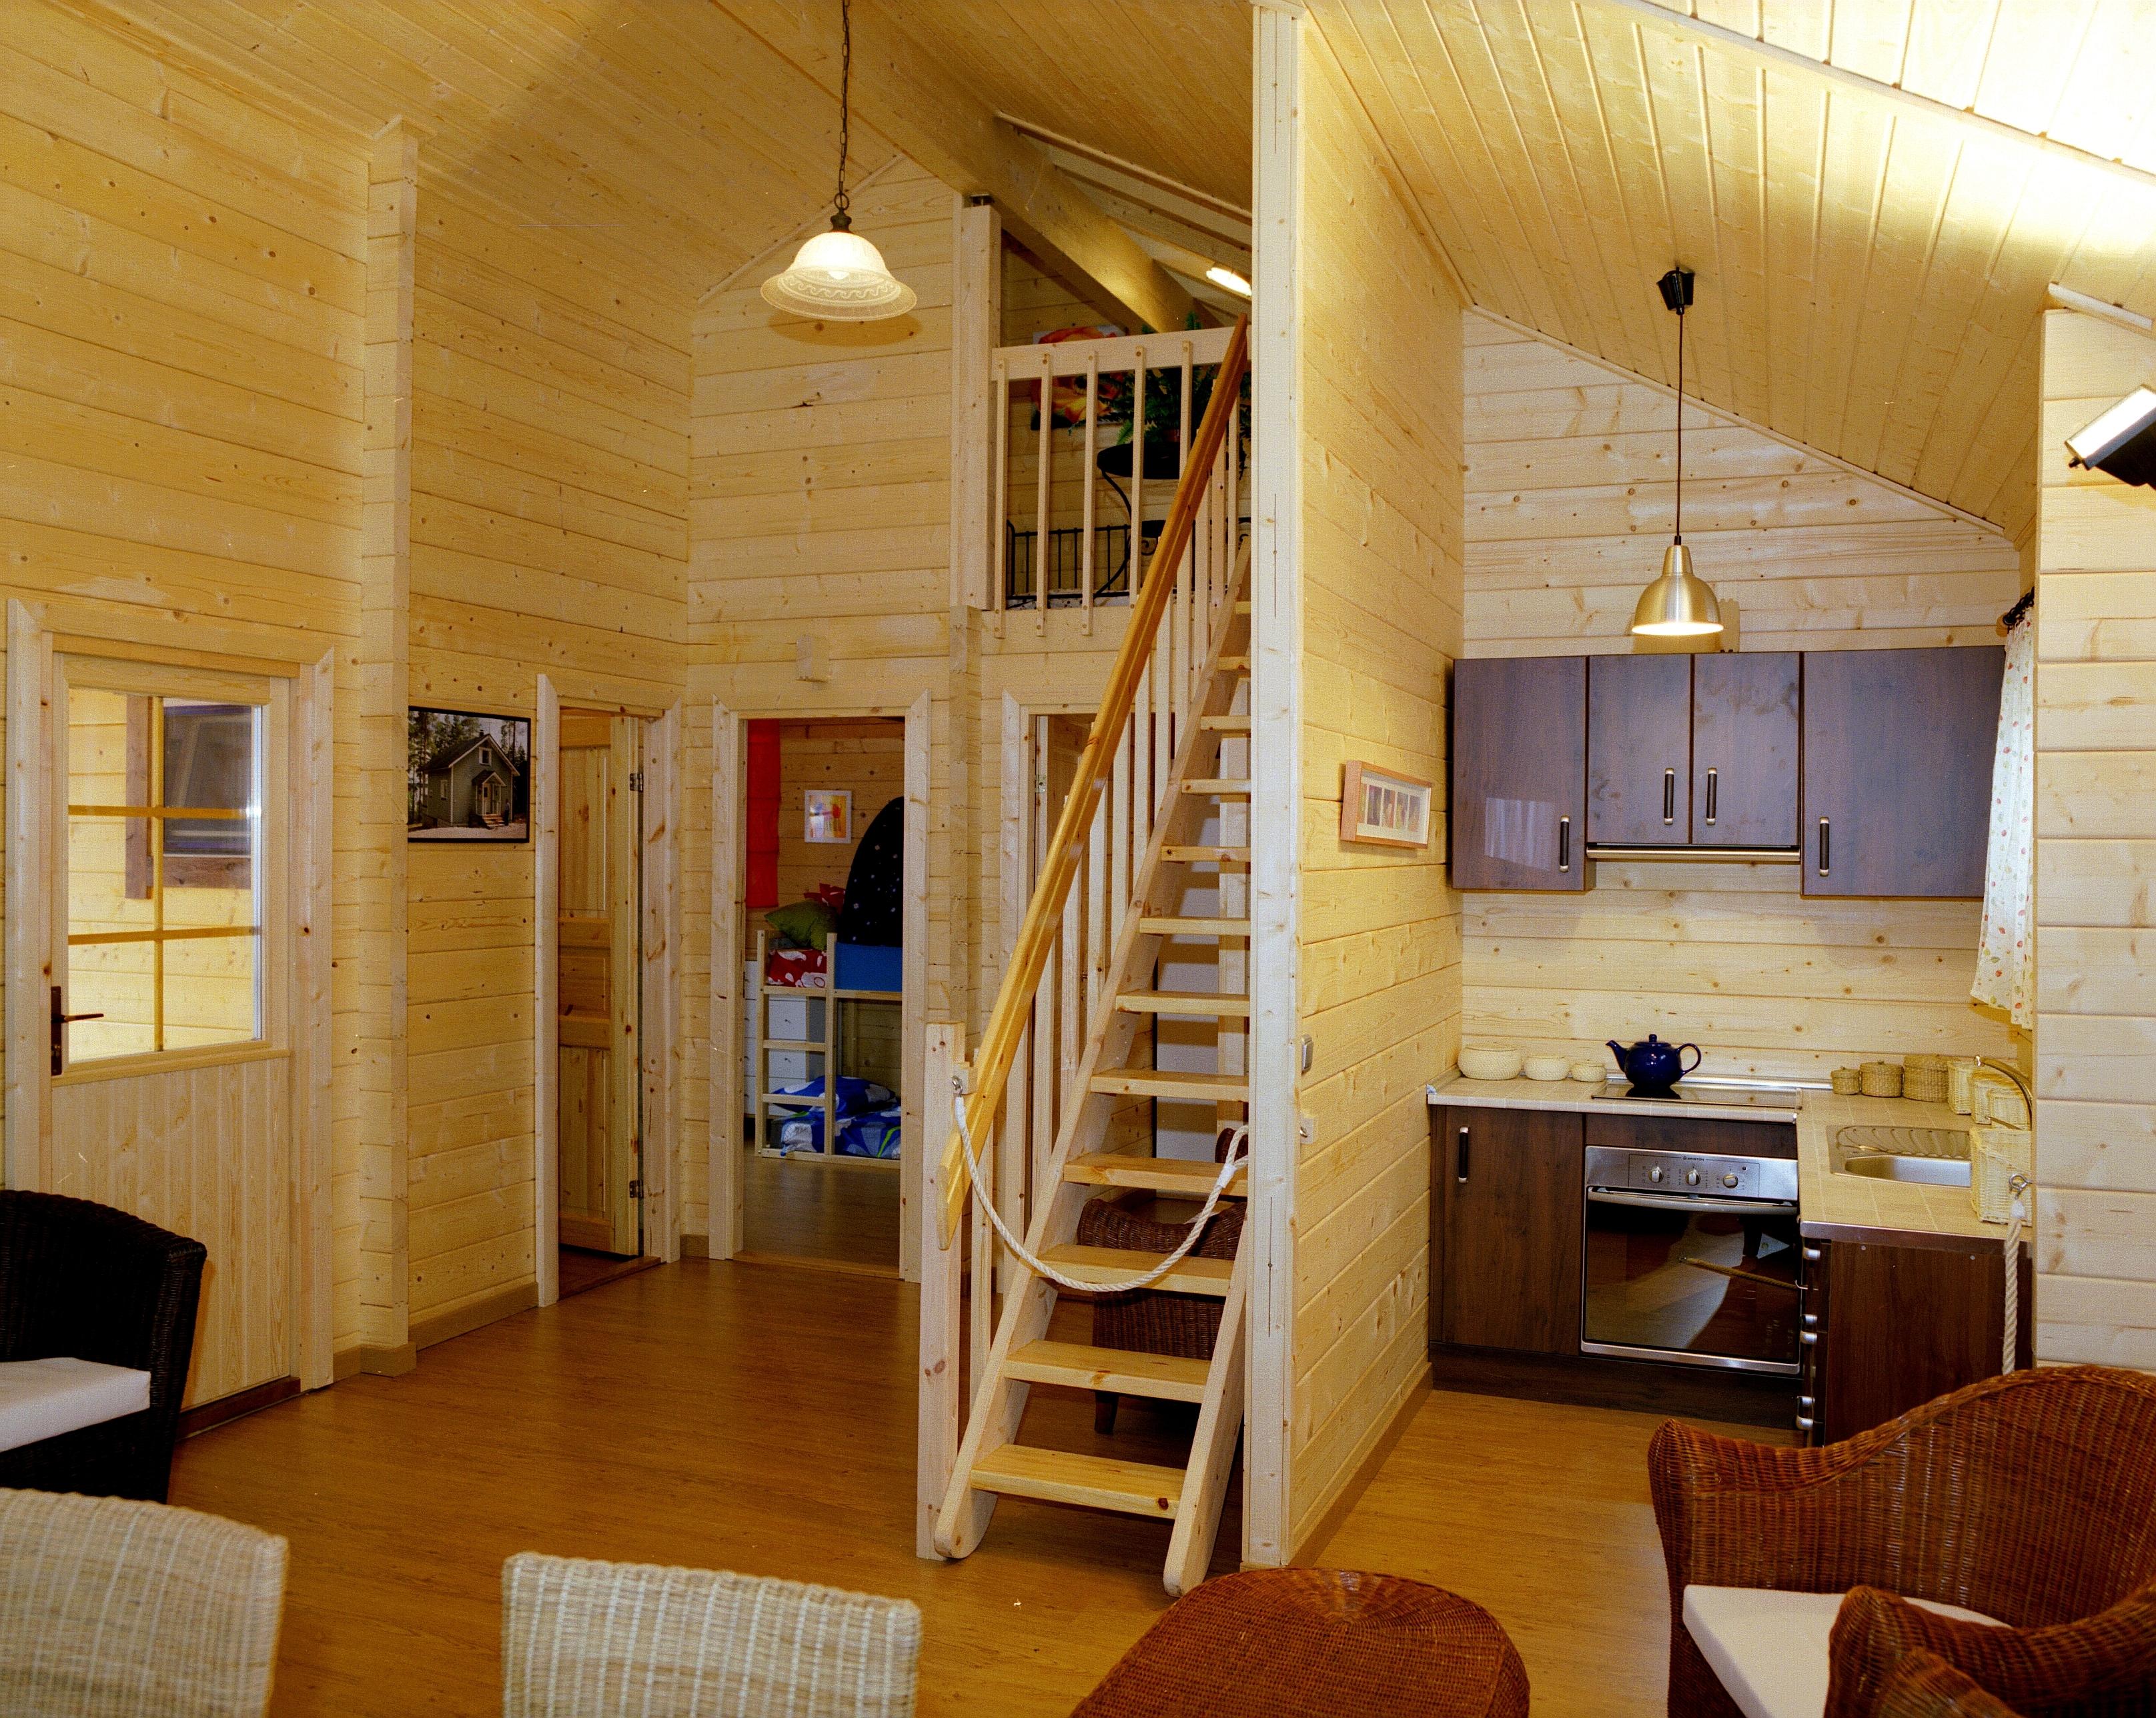 Maison en bois interieur excellent maison bois chalet - Interieur chalet bois ...